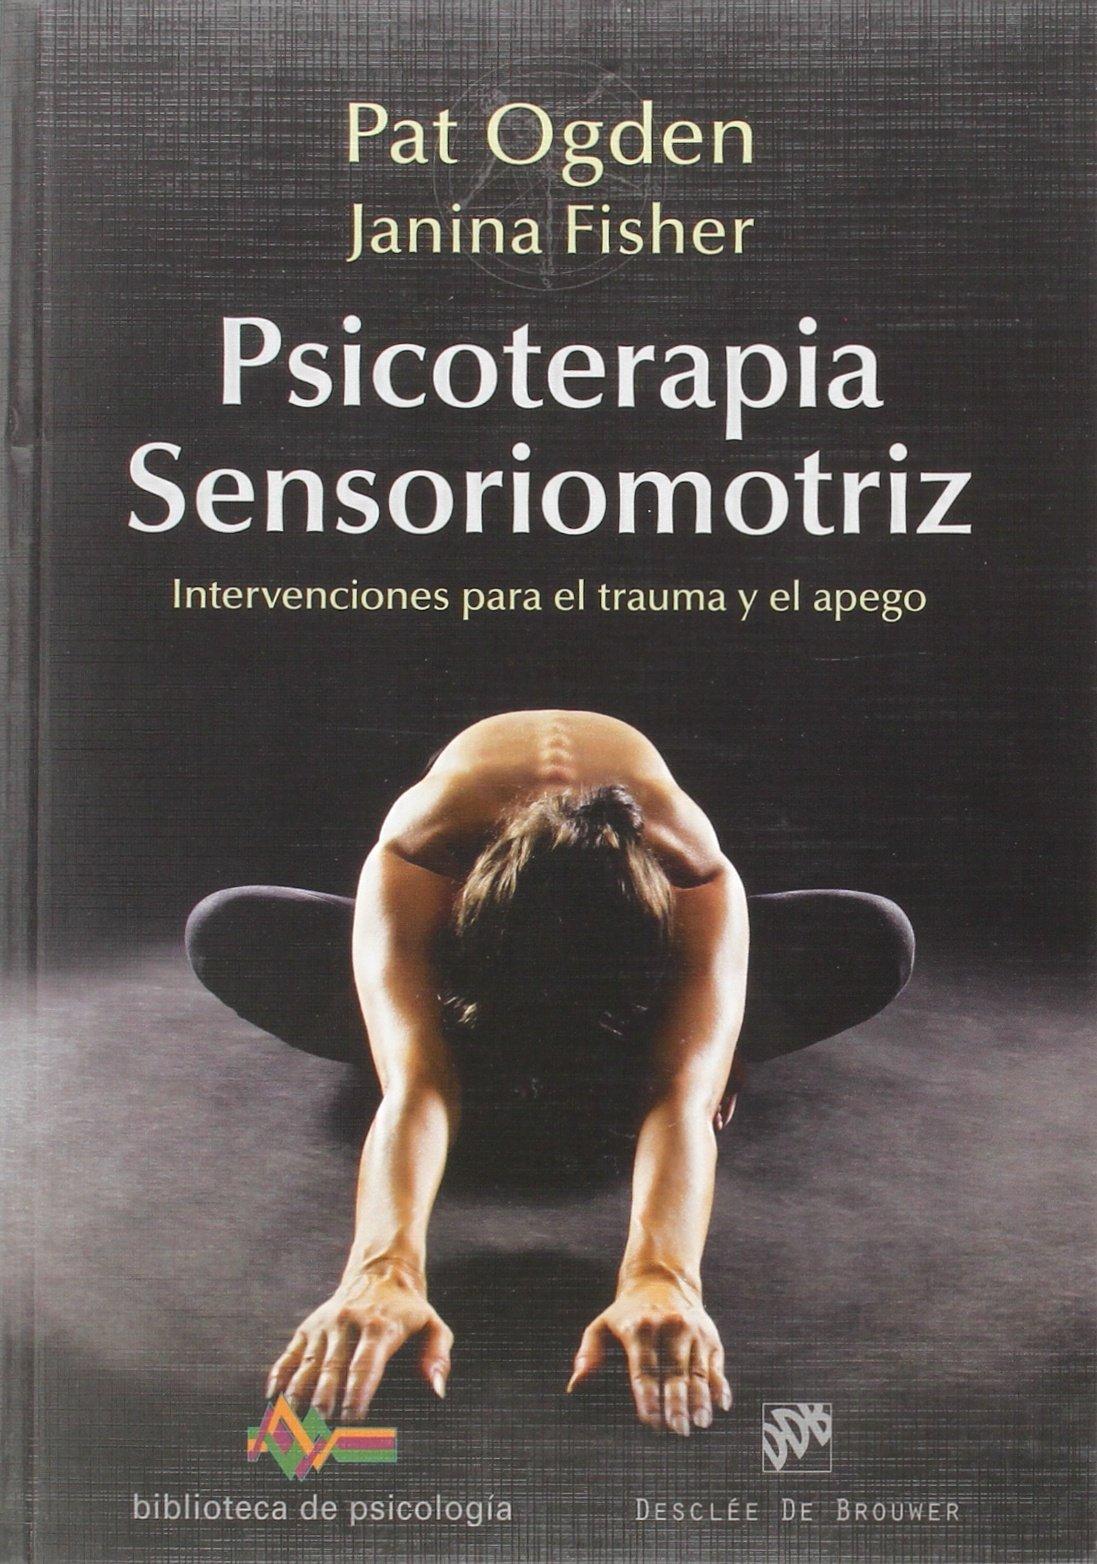 Psicoterapia sensoriomotriz (Biblioteca de Psicología)